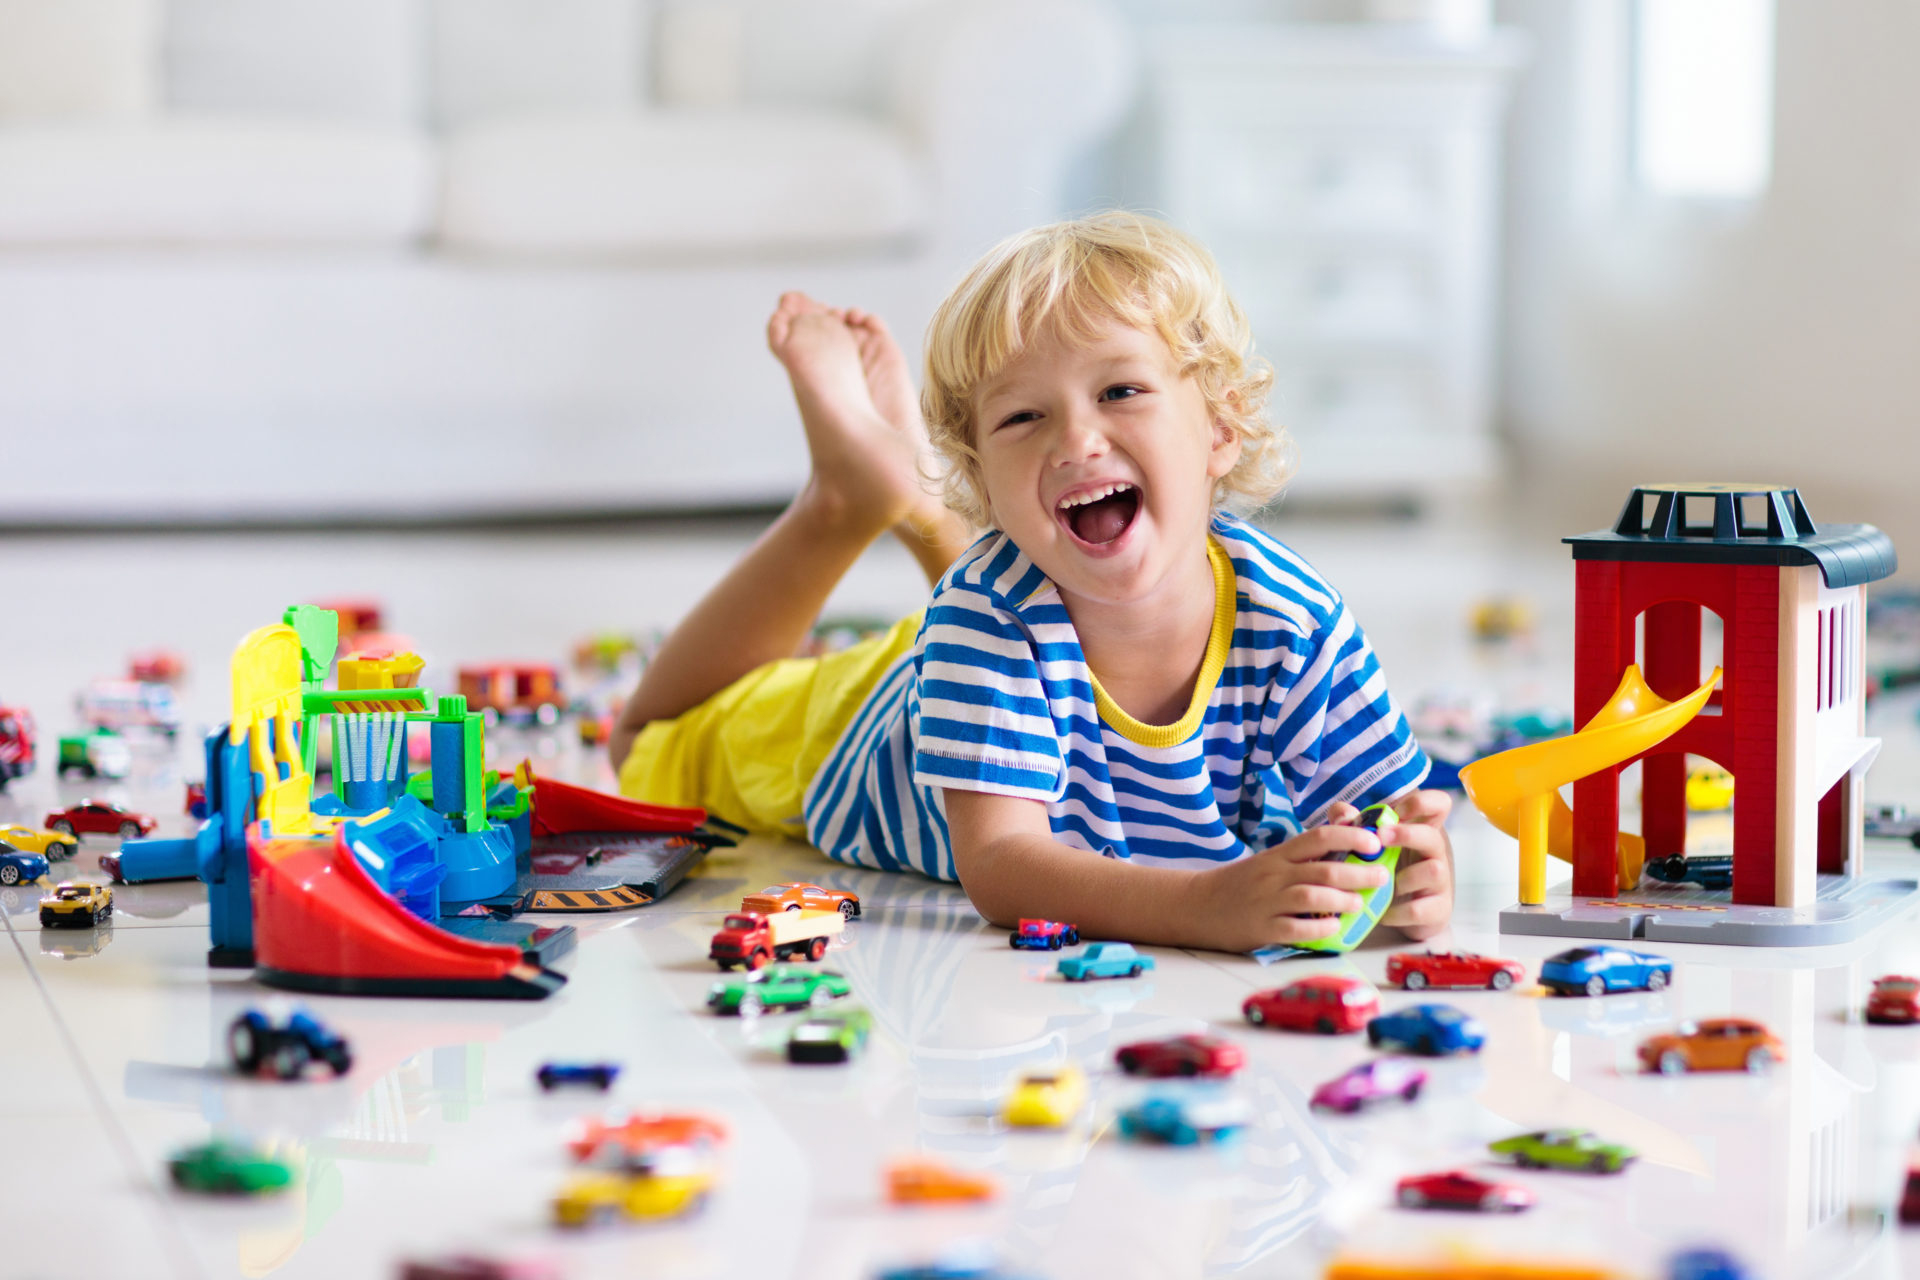 Jeu Eveil Enfant, Jouet Eveil Enfant, Cadeau D'eveil Pour concernant Jeux Educatif 3 Ans